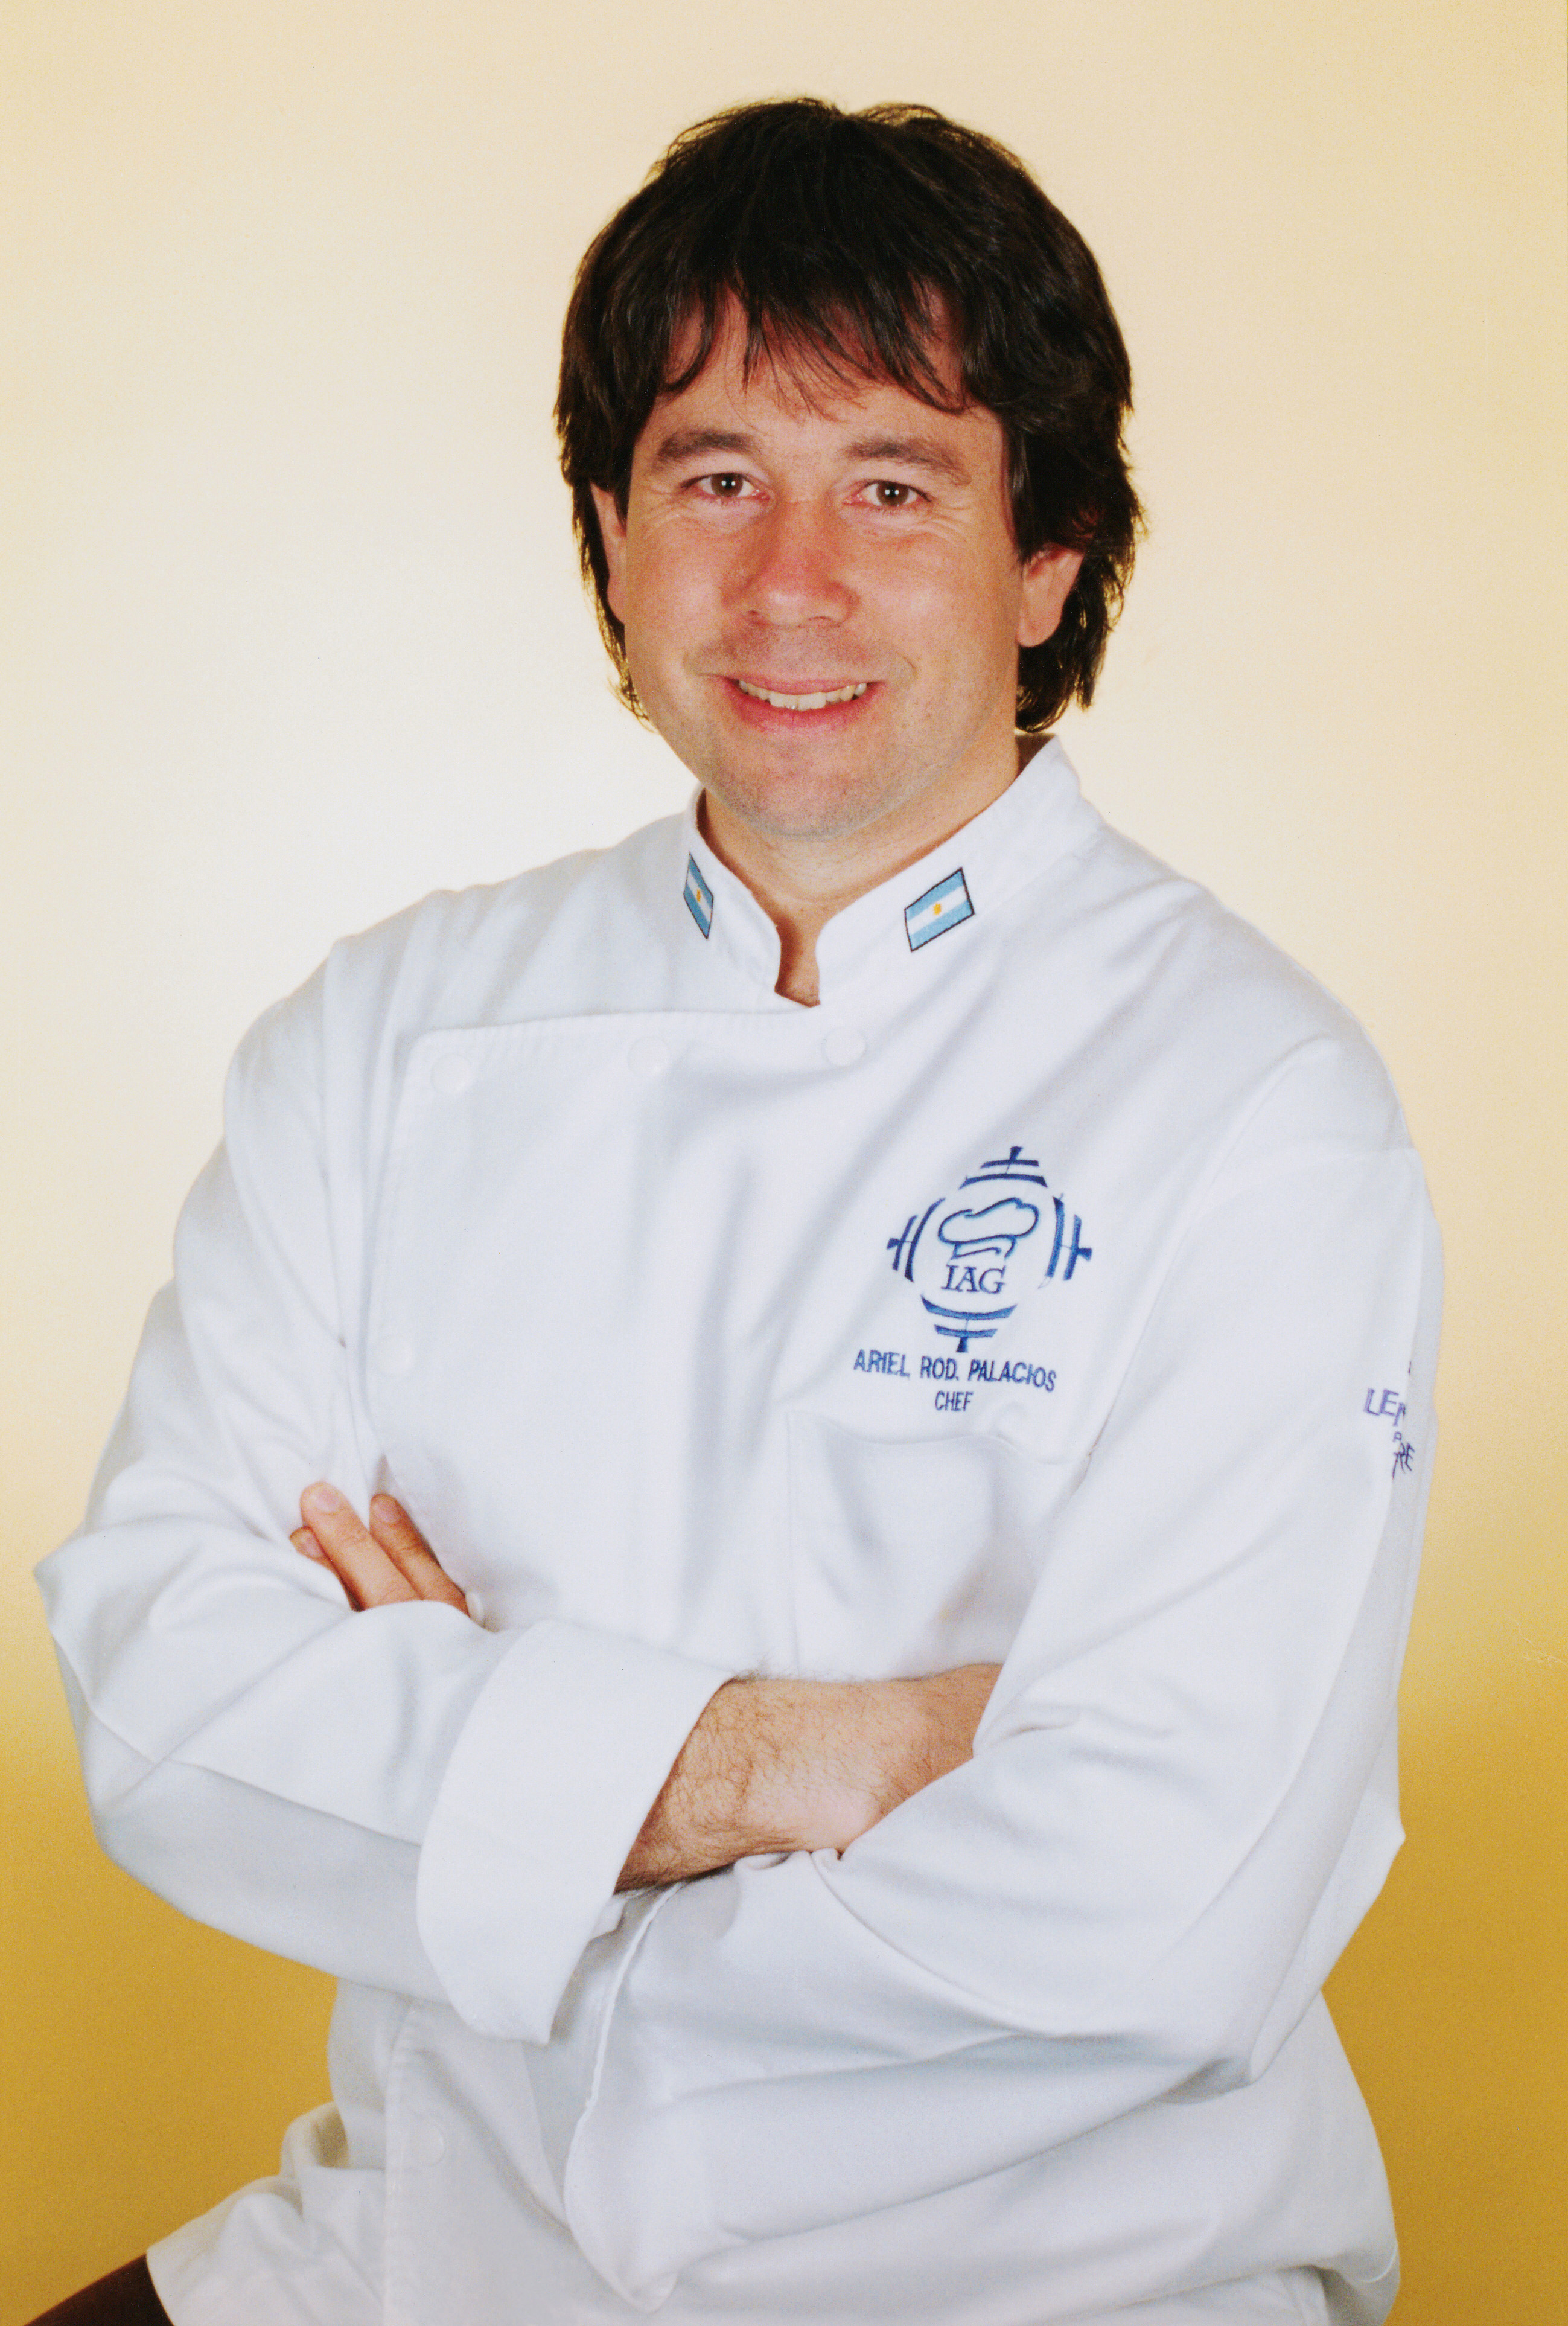 Entrevista al chef televisivo ariel rodr guez palacios for Cocina 9 ariel rodriguez palacios facebook